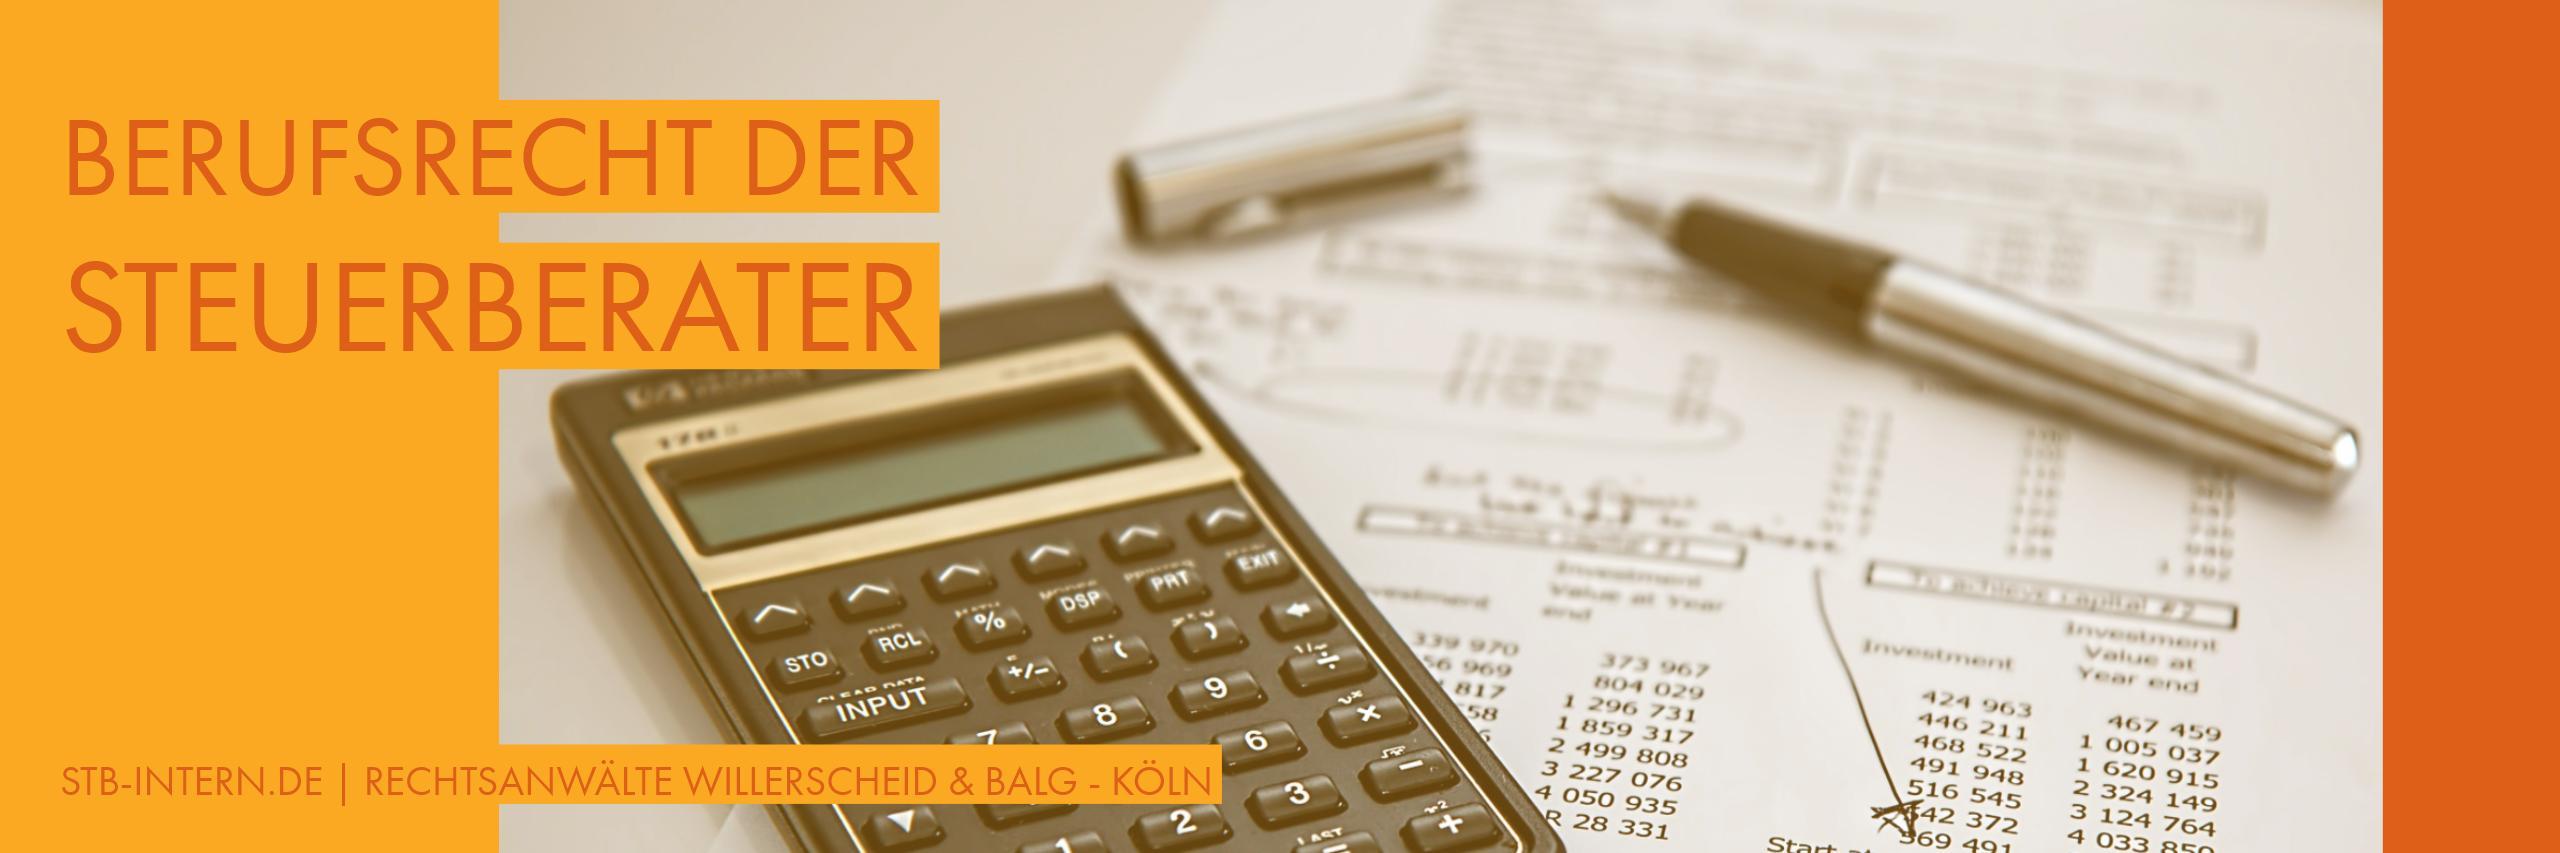 Berufsrecht der Steuerberater - Rechtsanwältin Willerscheid und Rechtsanwalt Balg - Köln